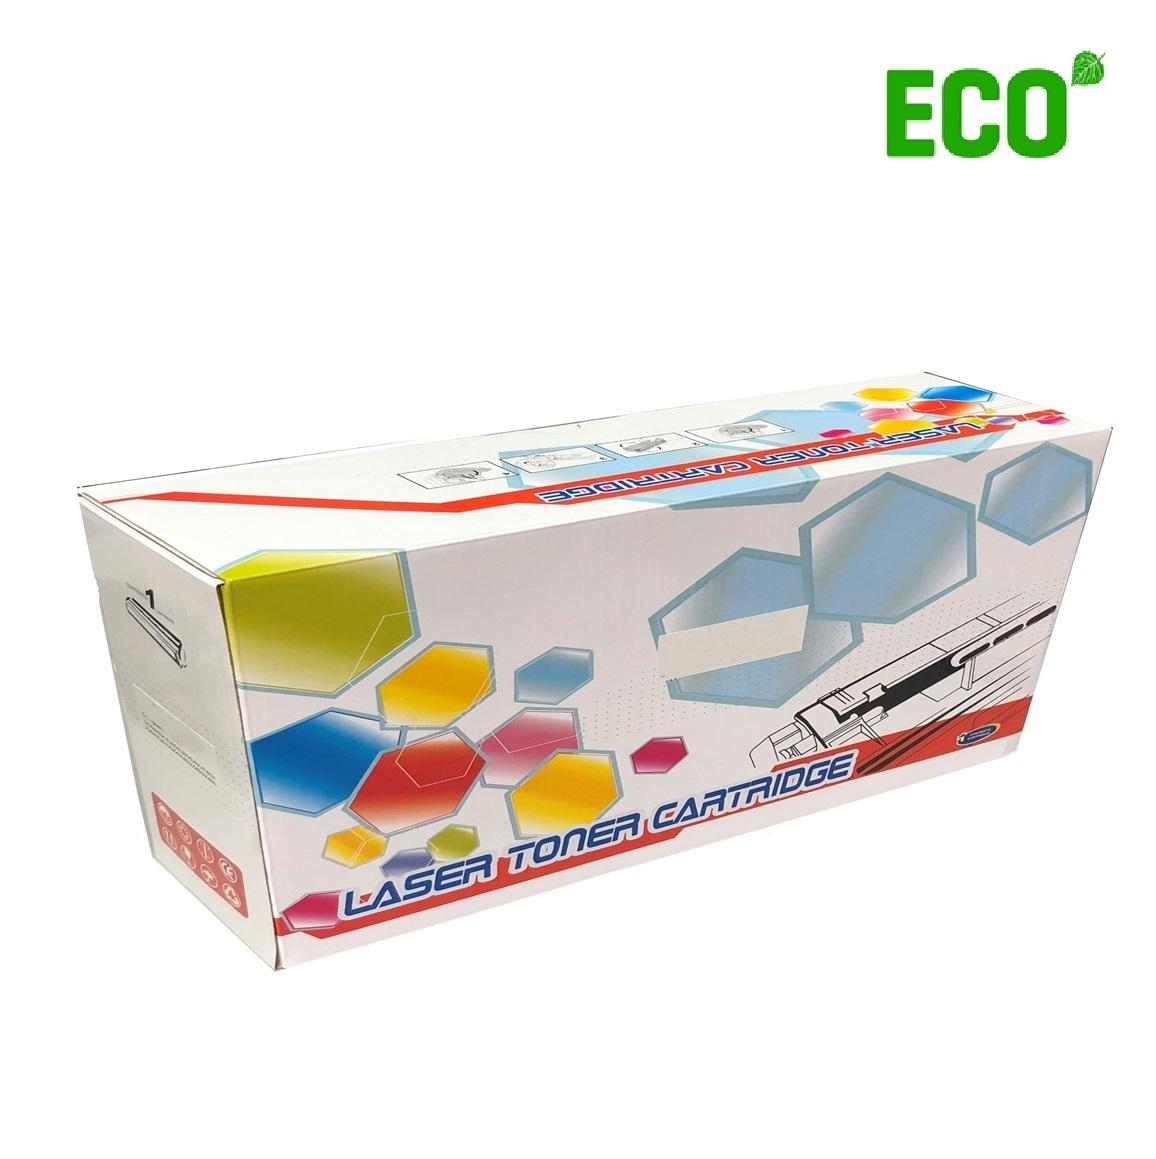 Drum Unit Xerox 3330 3335 3345 (30K) ECO